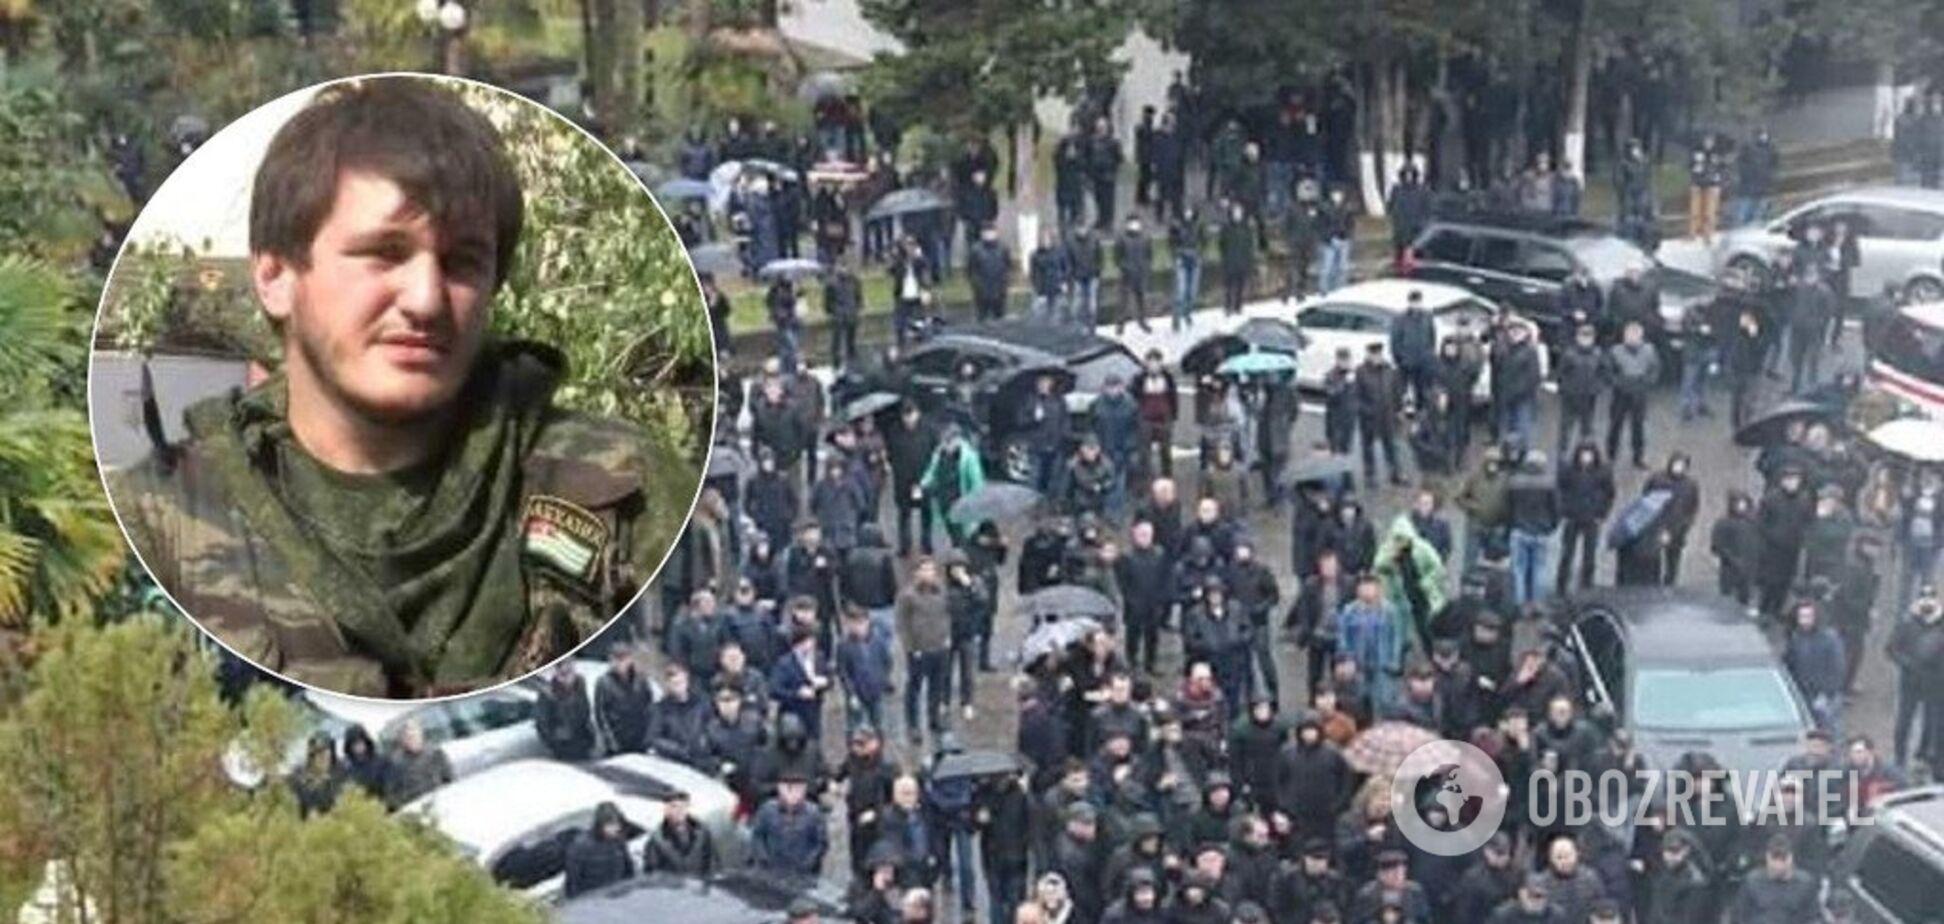 'Вони нас знищують!' На протестах у невизнаній Абхазії помітили 'героя ДНР'